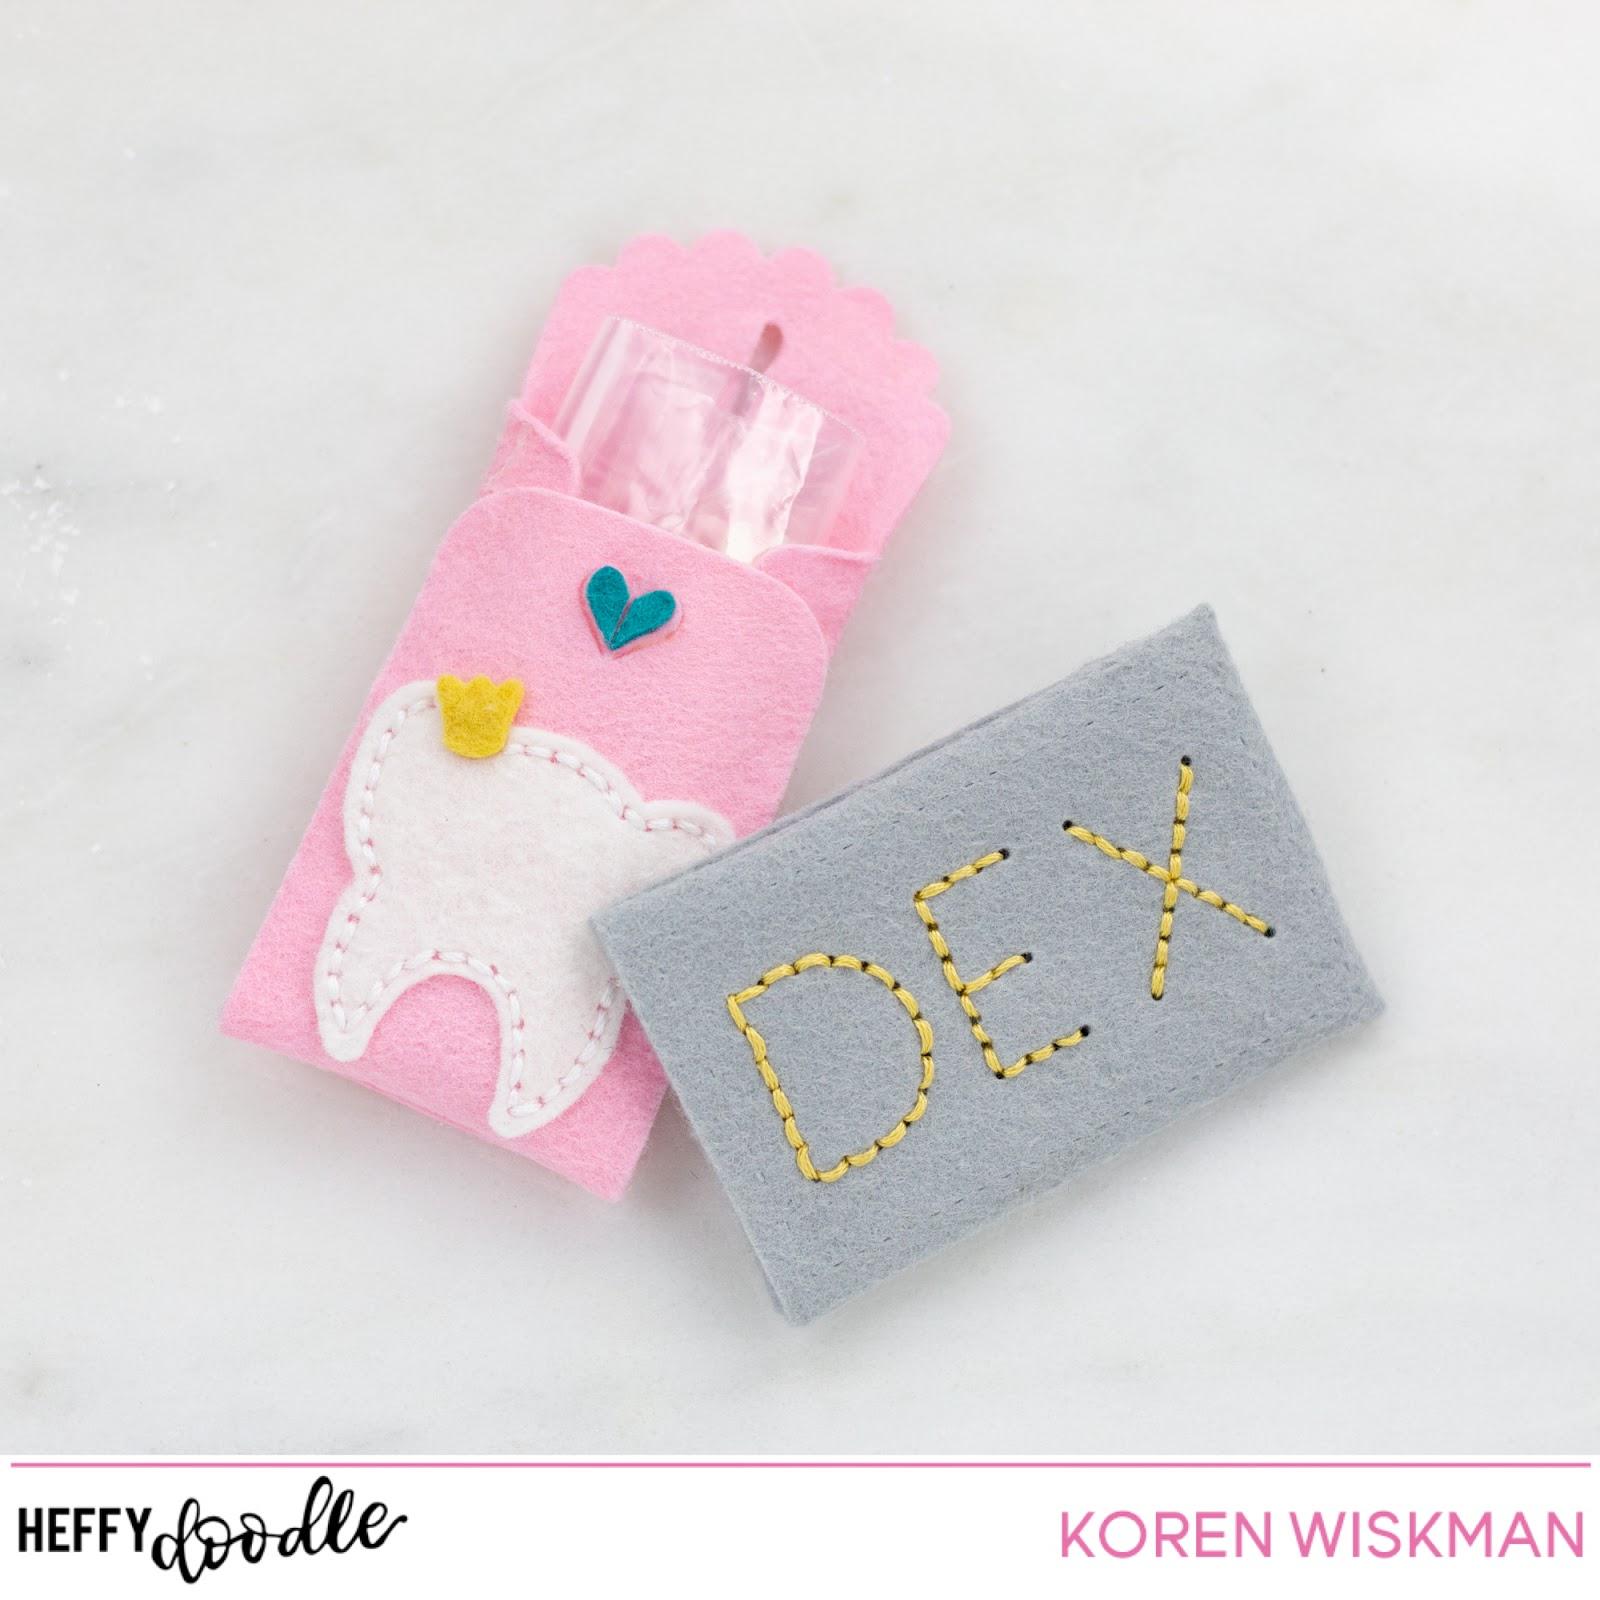 Koren Wiskman Heffy Doodle Personalized Tooth Envelope